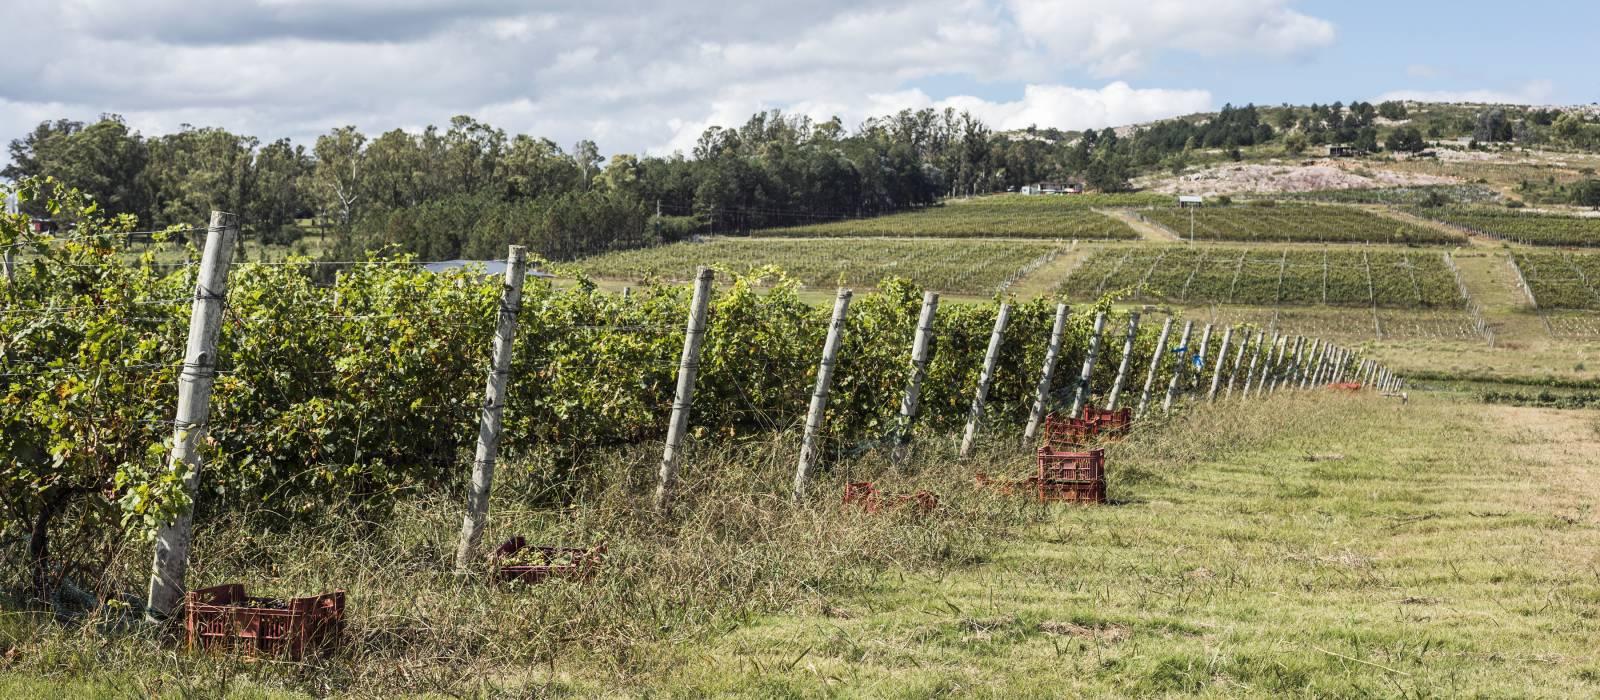 Weinreben bei Punta Del Este auf der Weinroute (Caminos del Vino) in Uruguay